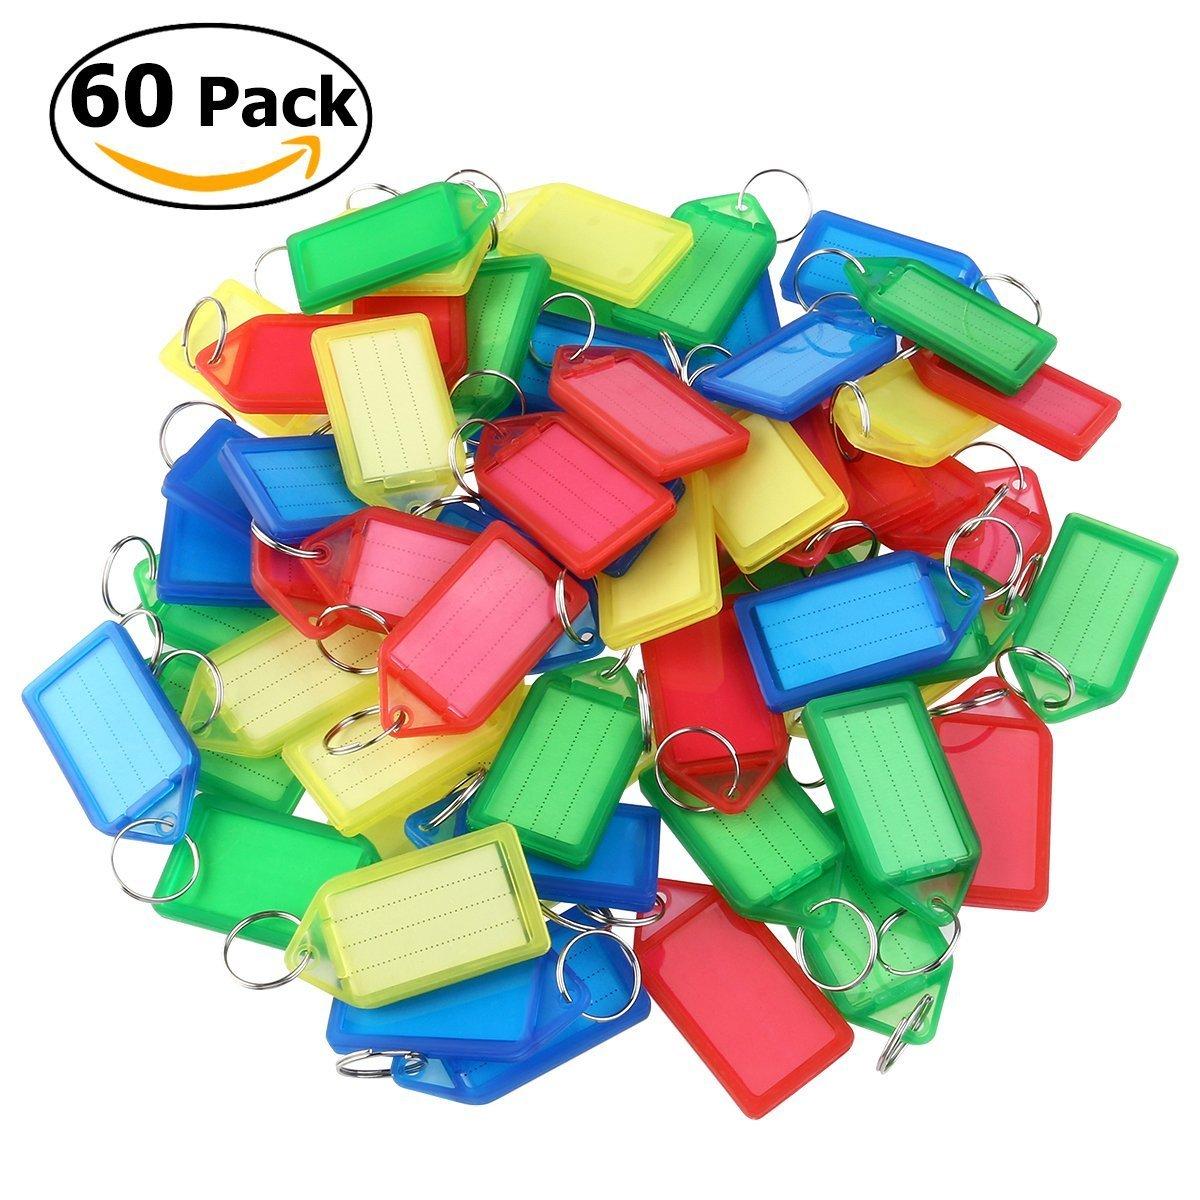 Porte-clé s bagages avec é tiquettes Porte-clé s Couleur alé atoire Lot de 60 Deanyi